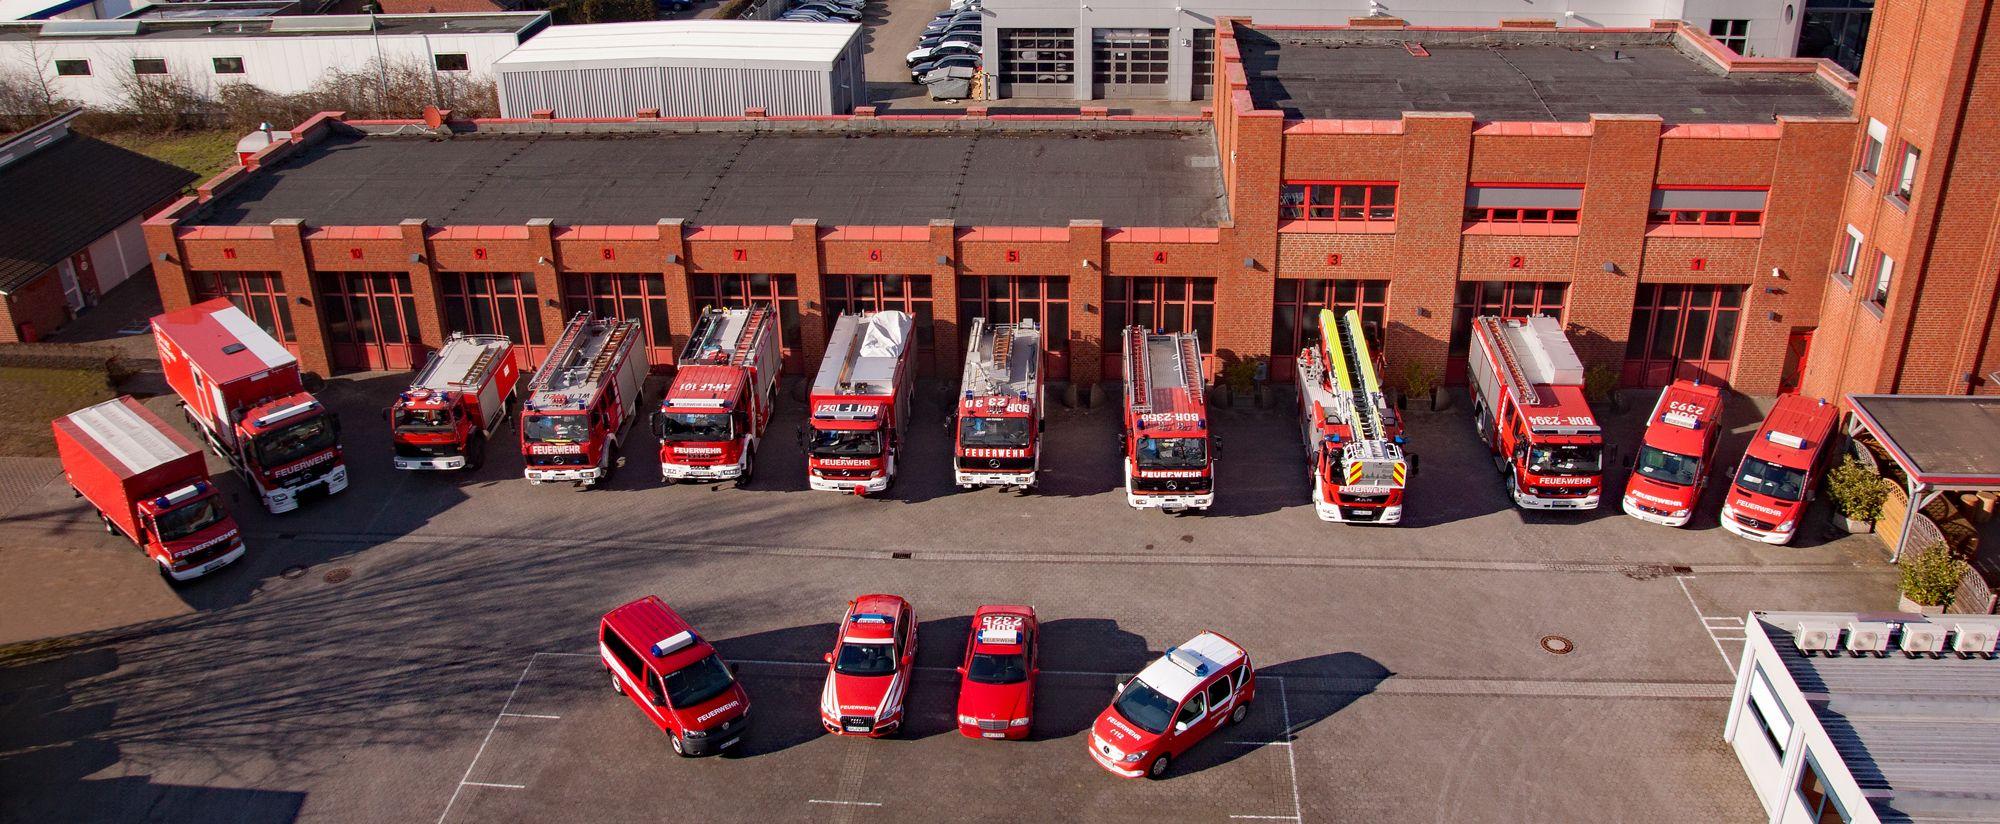 Unsere Fahrzeuge | Feuerwehr Ahaus - Löschzug